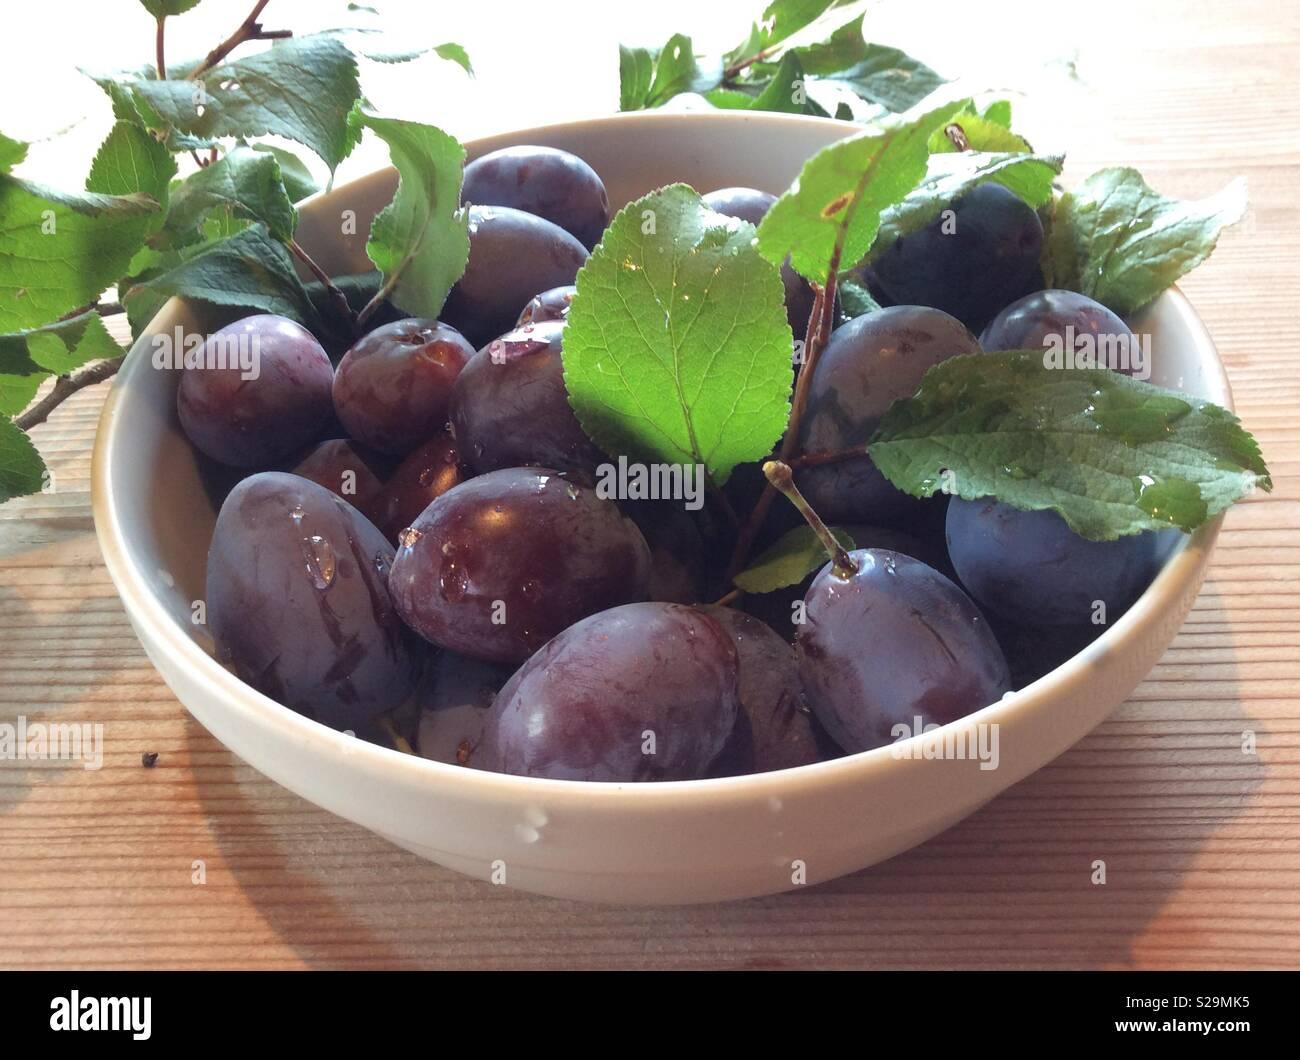 Frisch geernteten Pflaumen in Weiß Schüssel und Blätter von einem Pflaumenbaum Stockbild